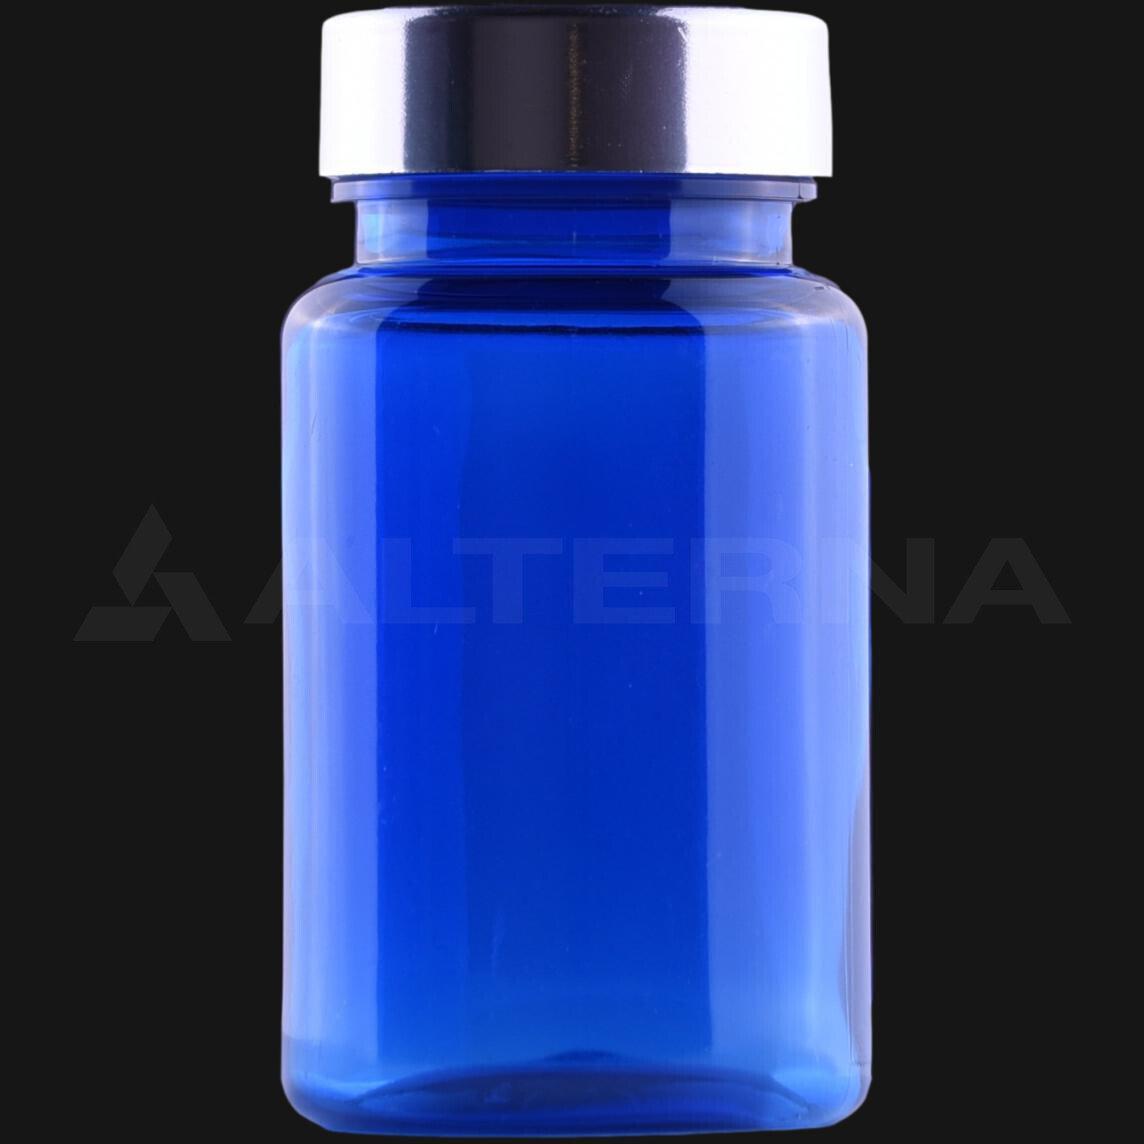 100 ml PET Pill Bottle with 38 mm Metal Cap